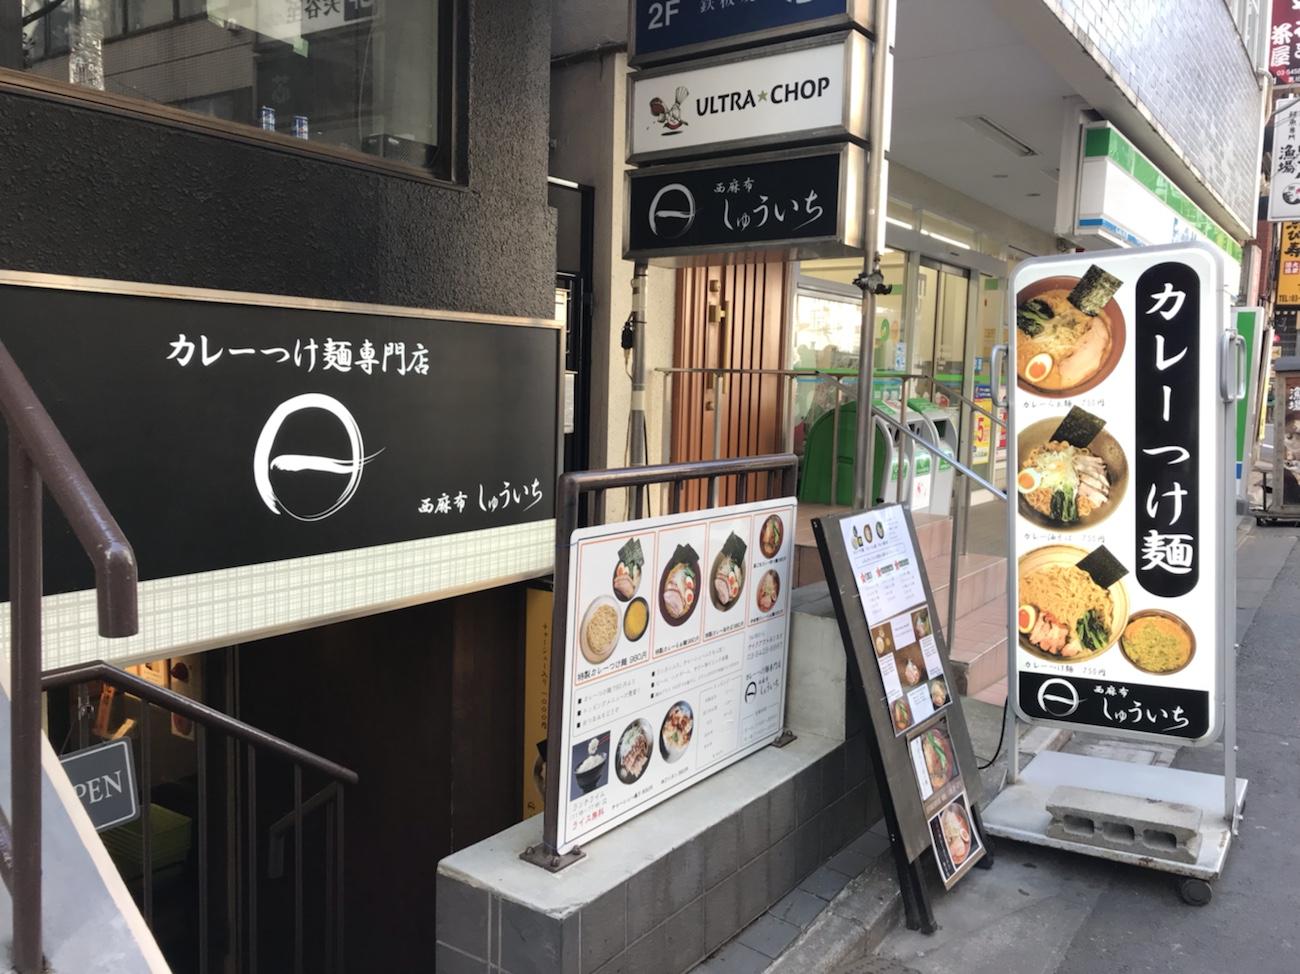 外観カレーつけ麺しゅういち恵比寿